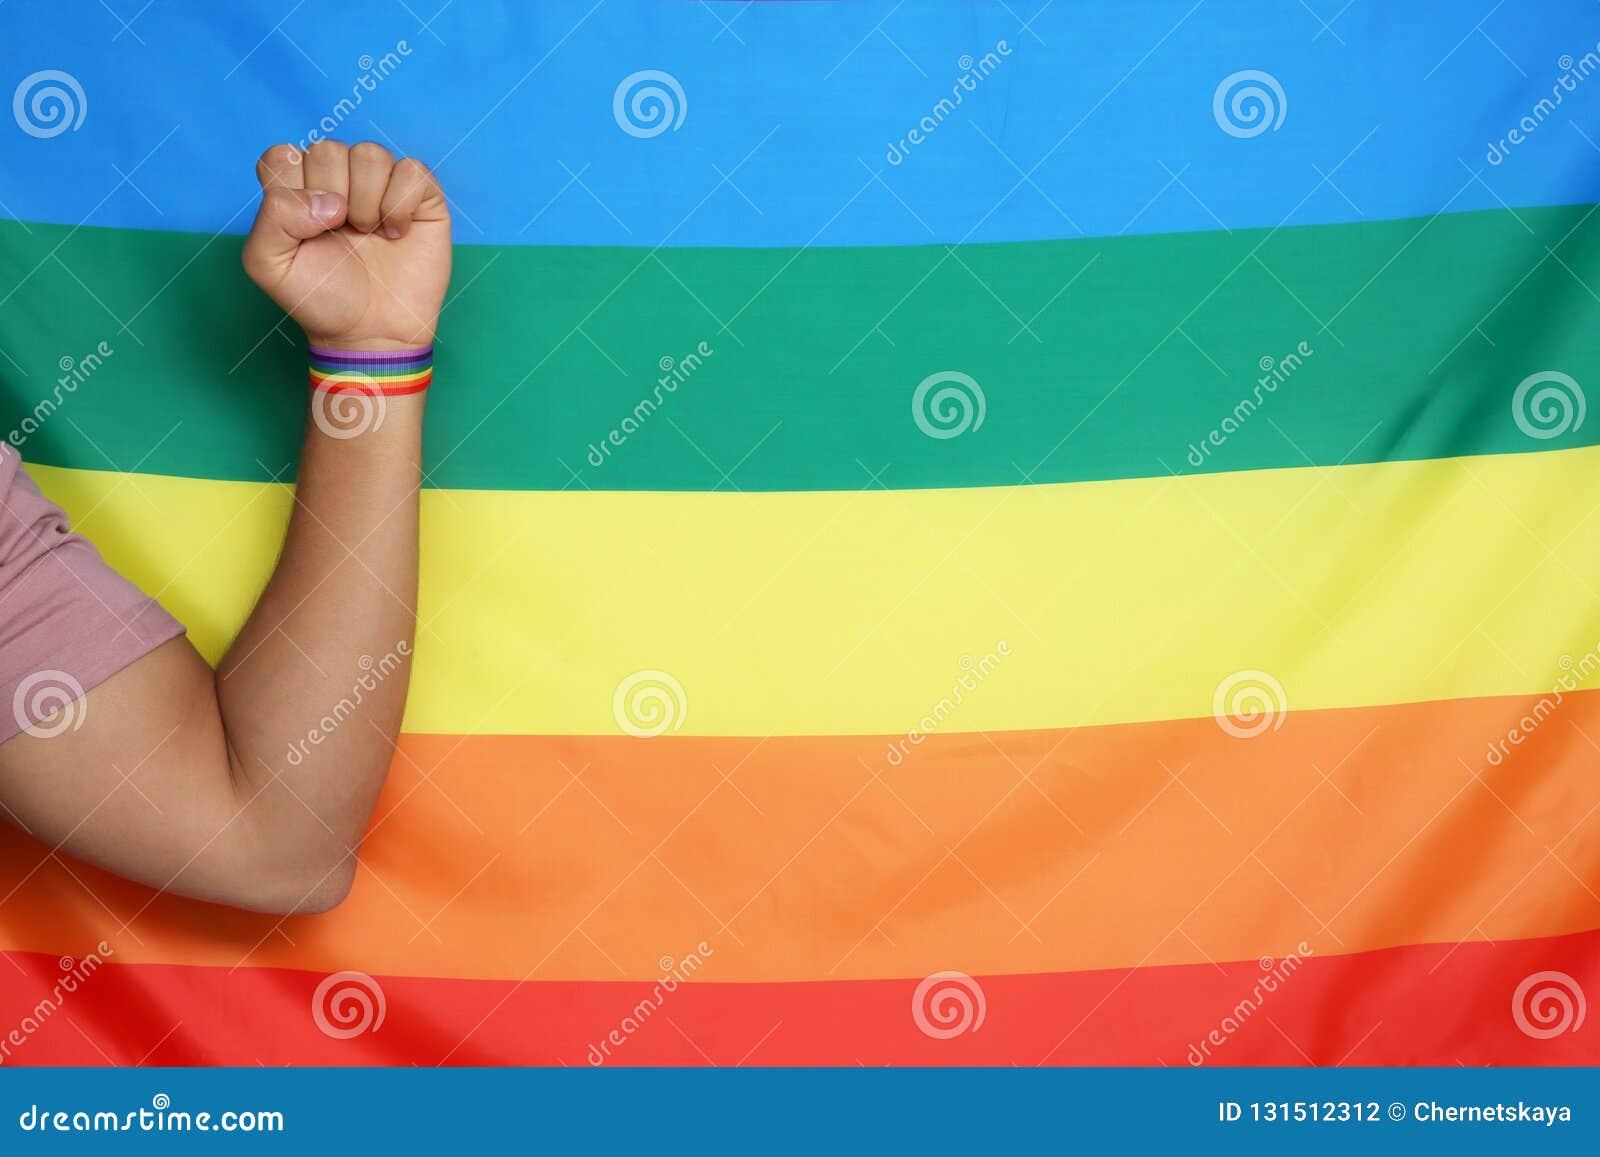 Hombre que lleva pulsera gay a mano cerca de la bandera del arco iris, primer